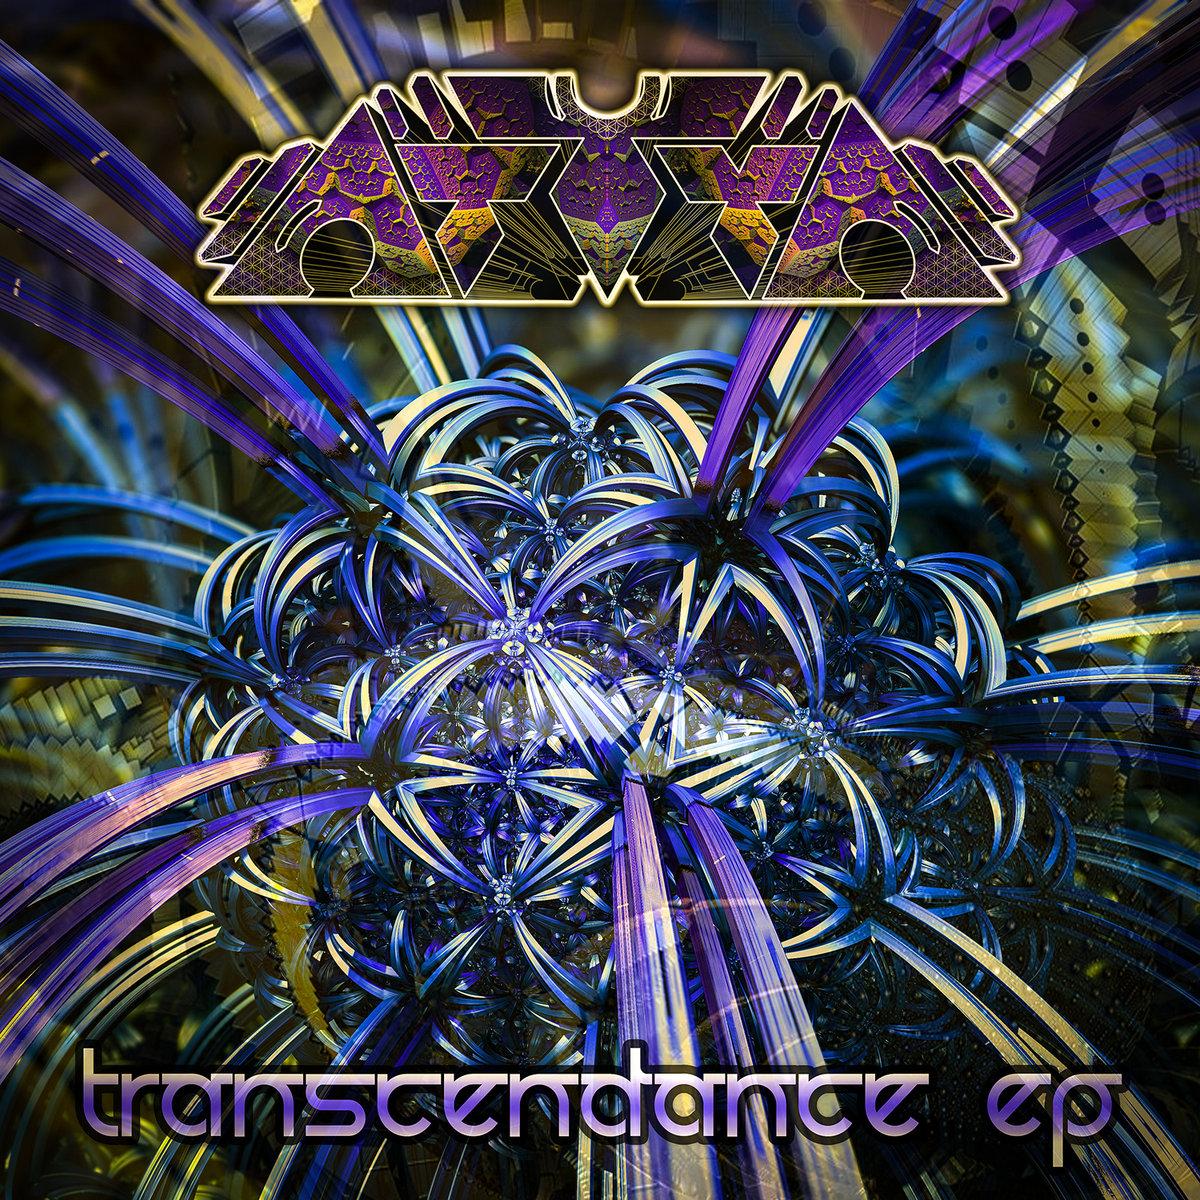 AtYyA - Adhiṭṭhāna @ 'Transcendance' album (432hz, atyya)